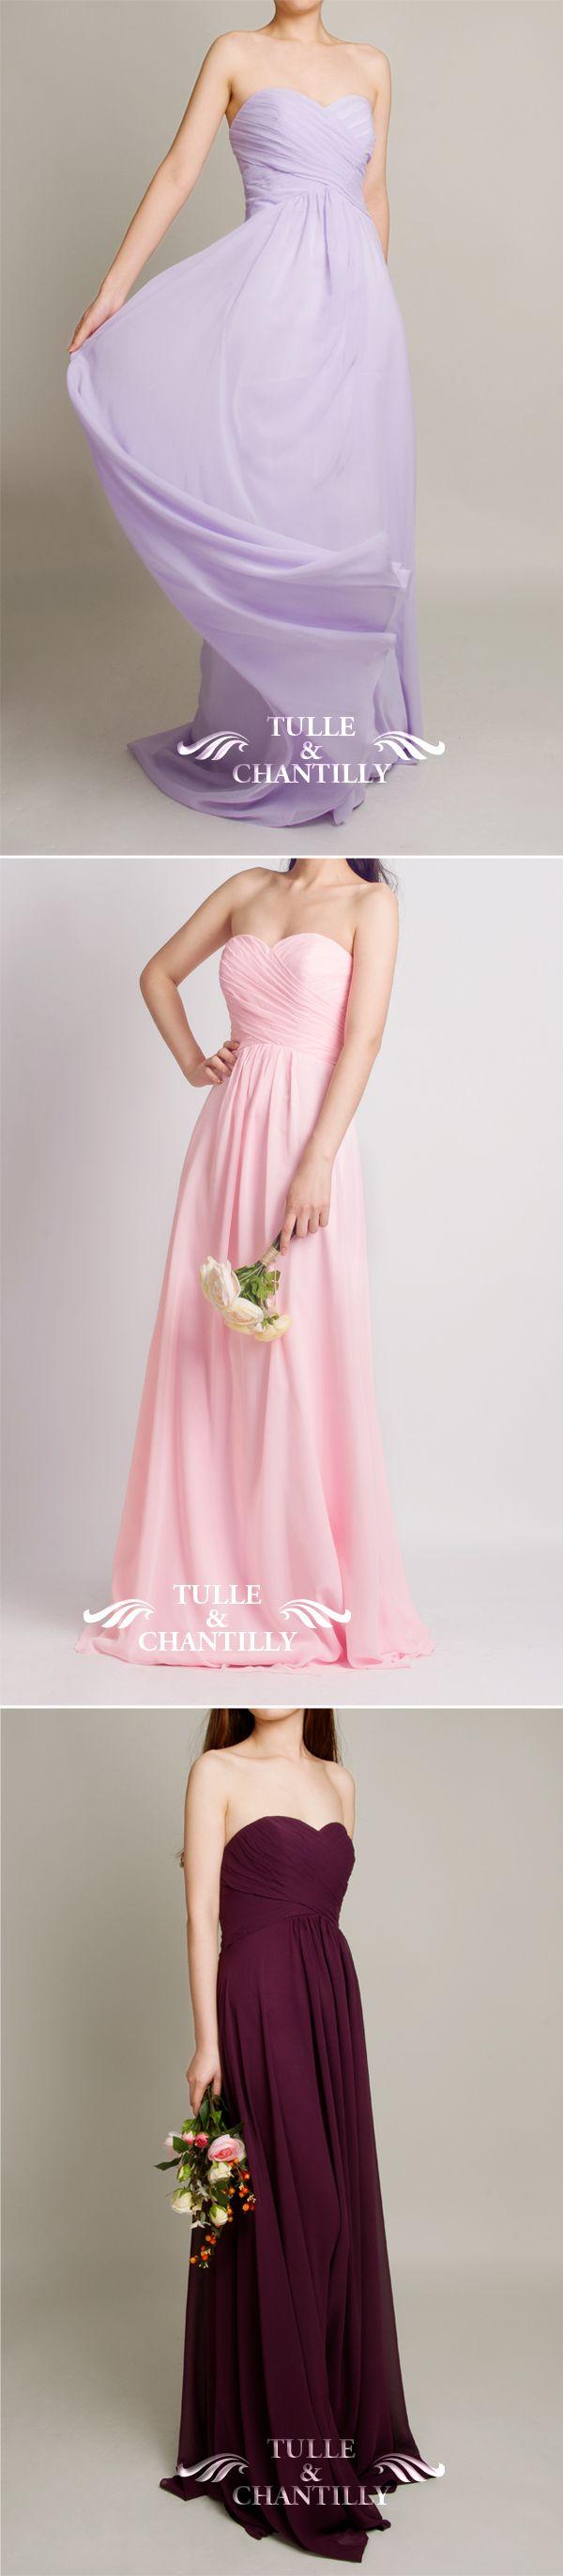 23 best entourage images on Pinterest | Color palettes, Bridesmaids ...